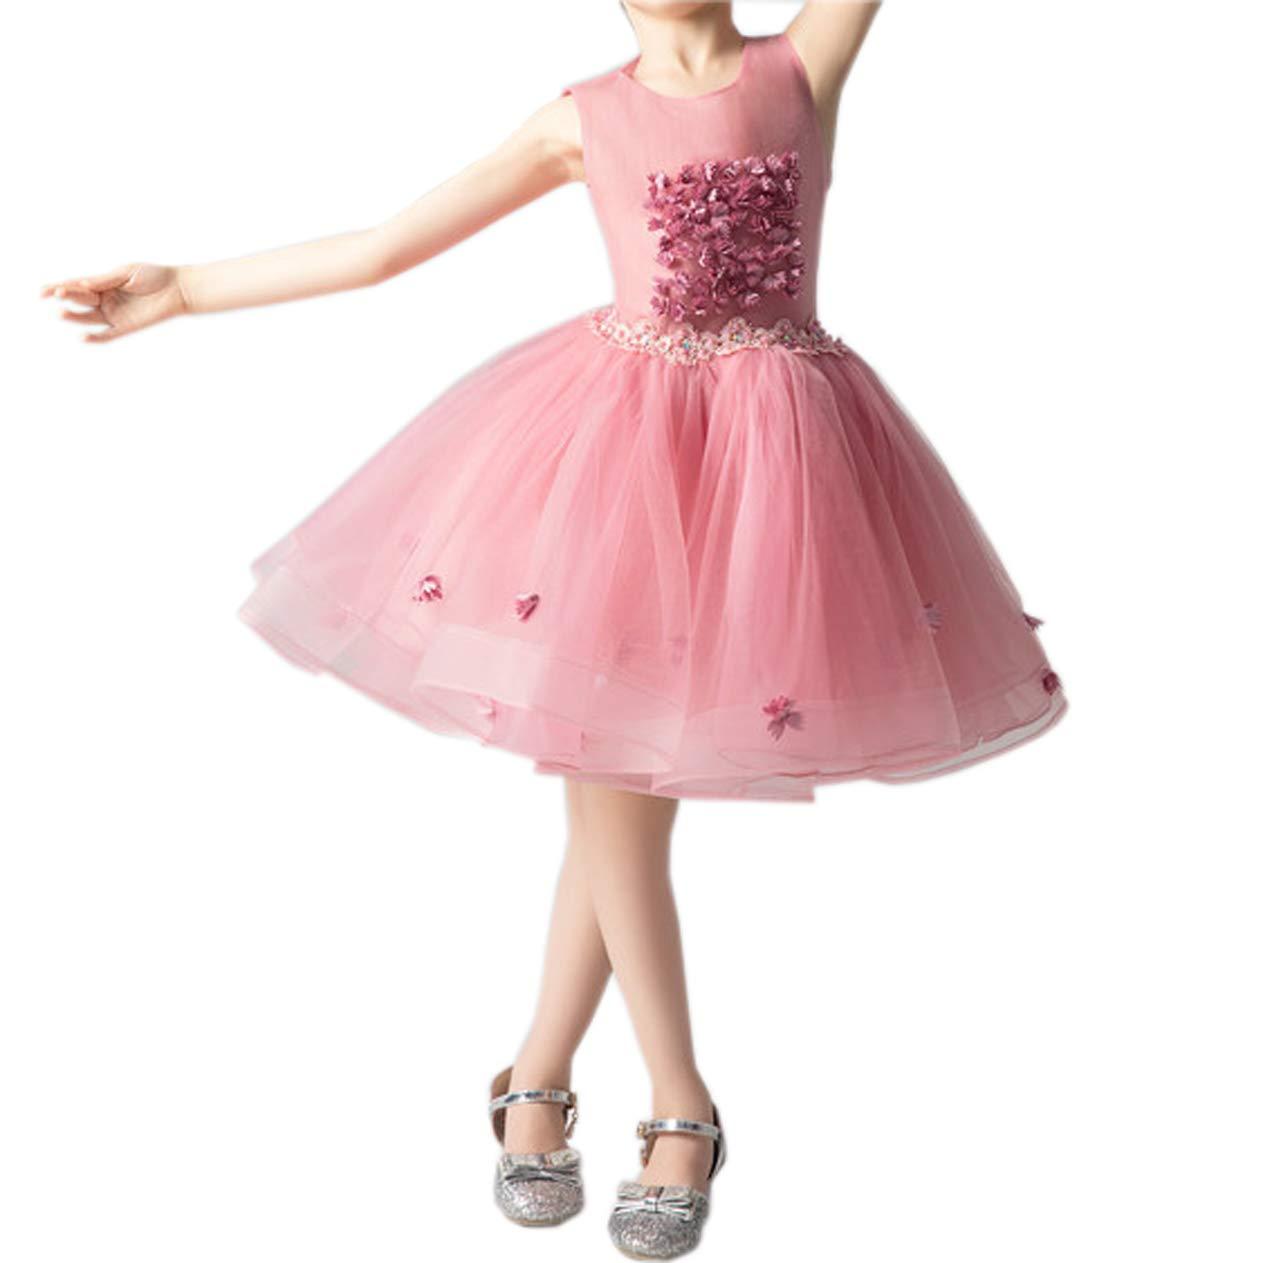 rose  Robes Fille Pettijupe De Mariage Fille Fleur Fille Anniversaire Fête Jupe De Ballet 3-14 Ans